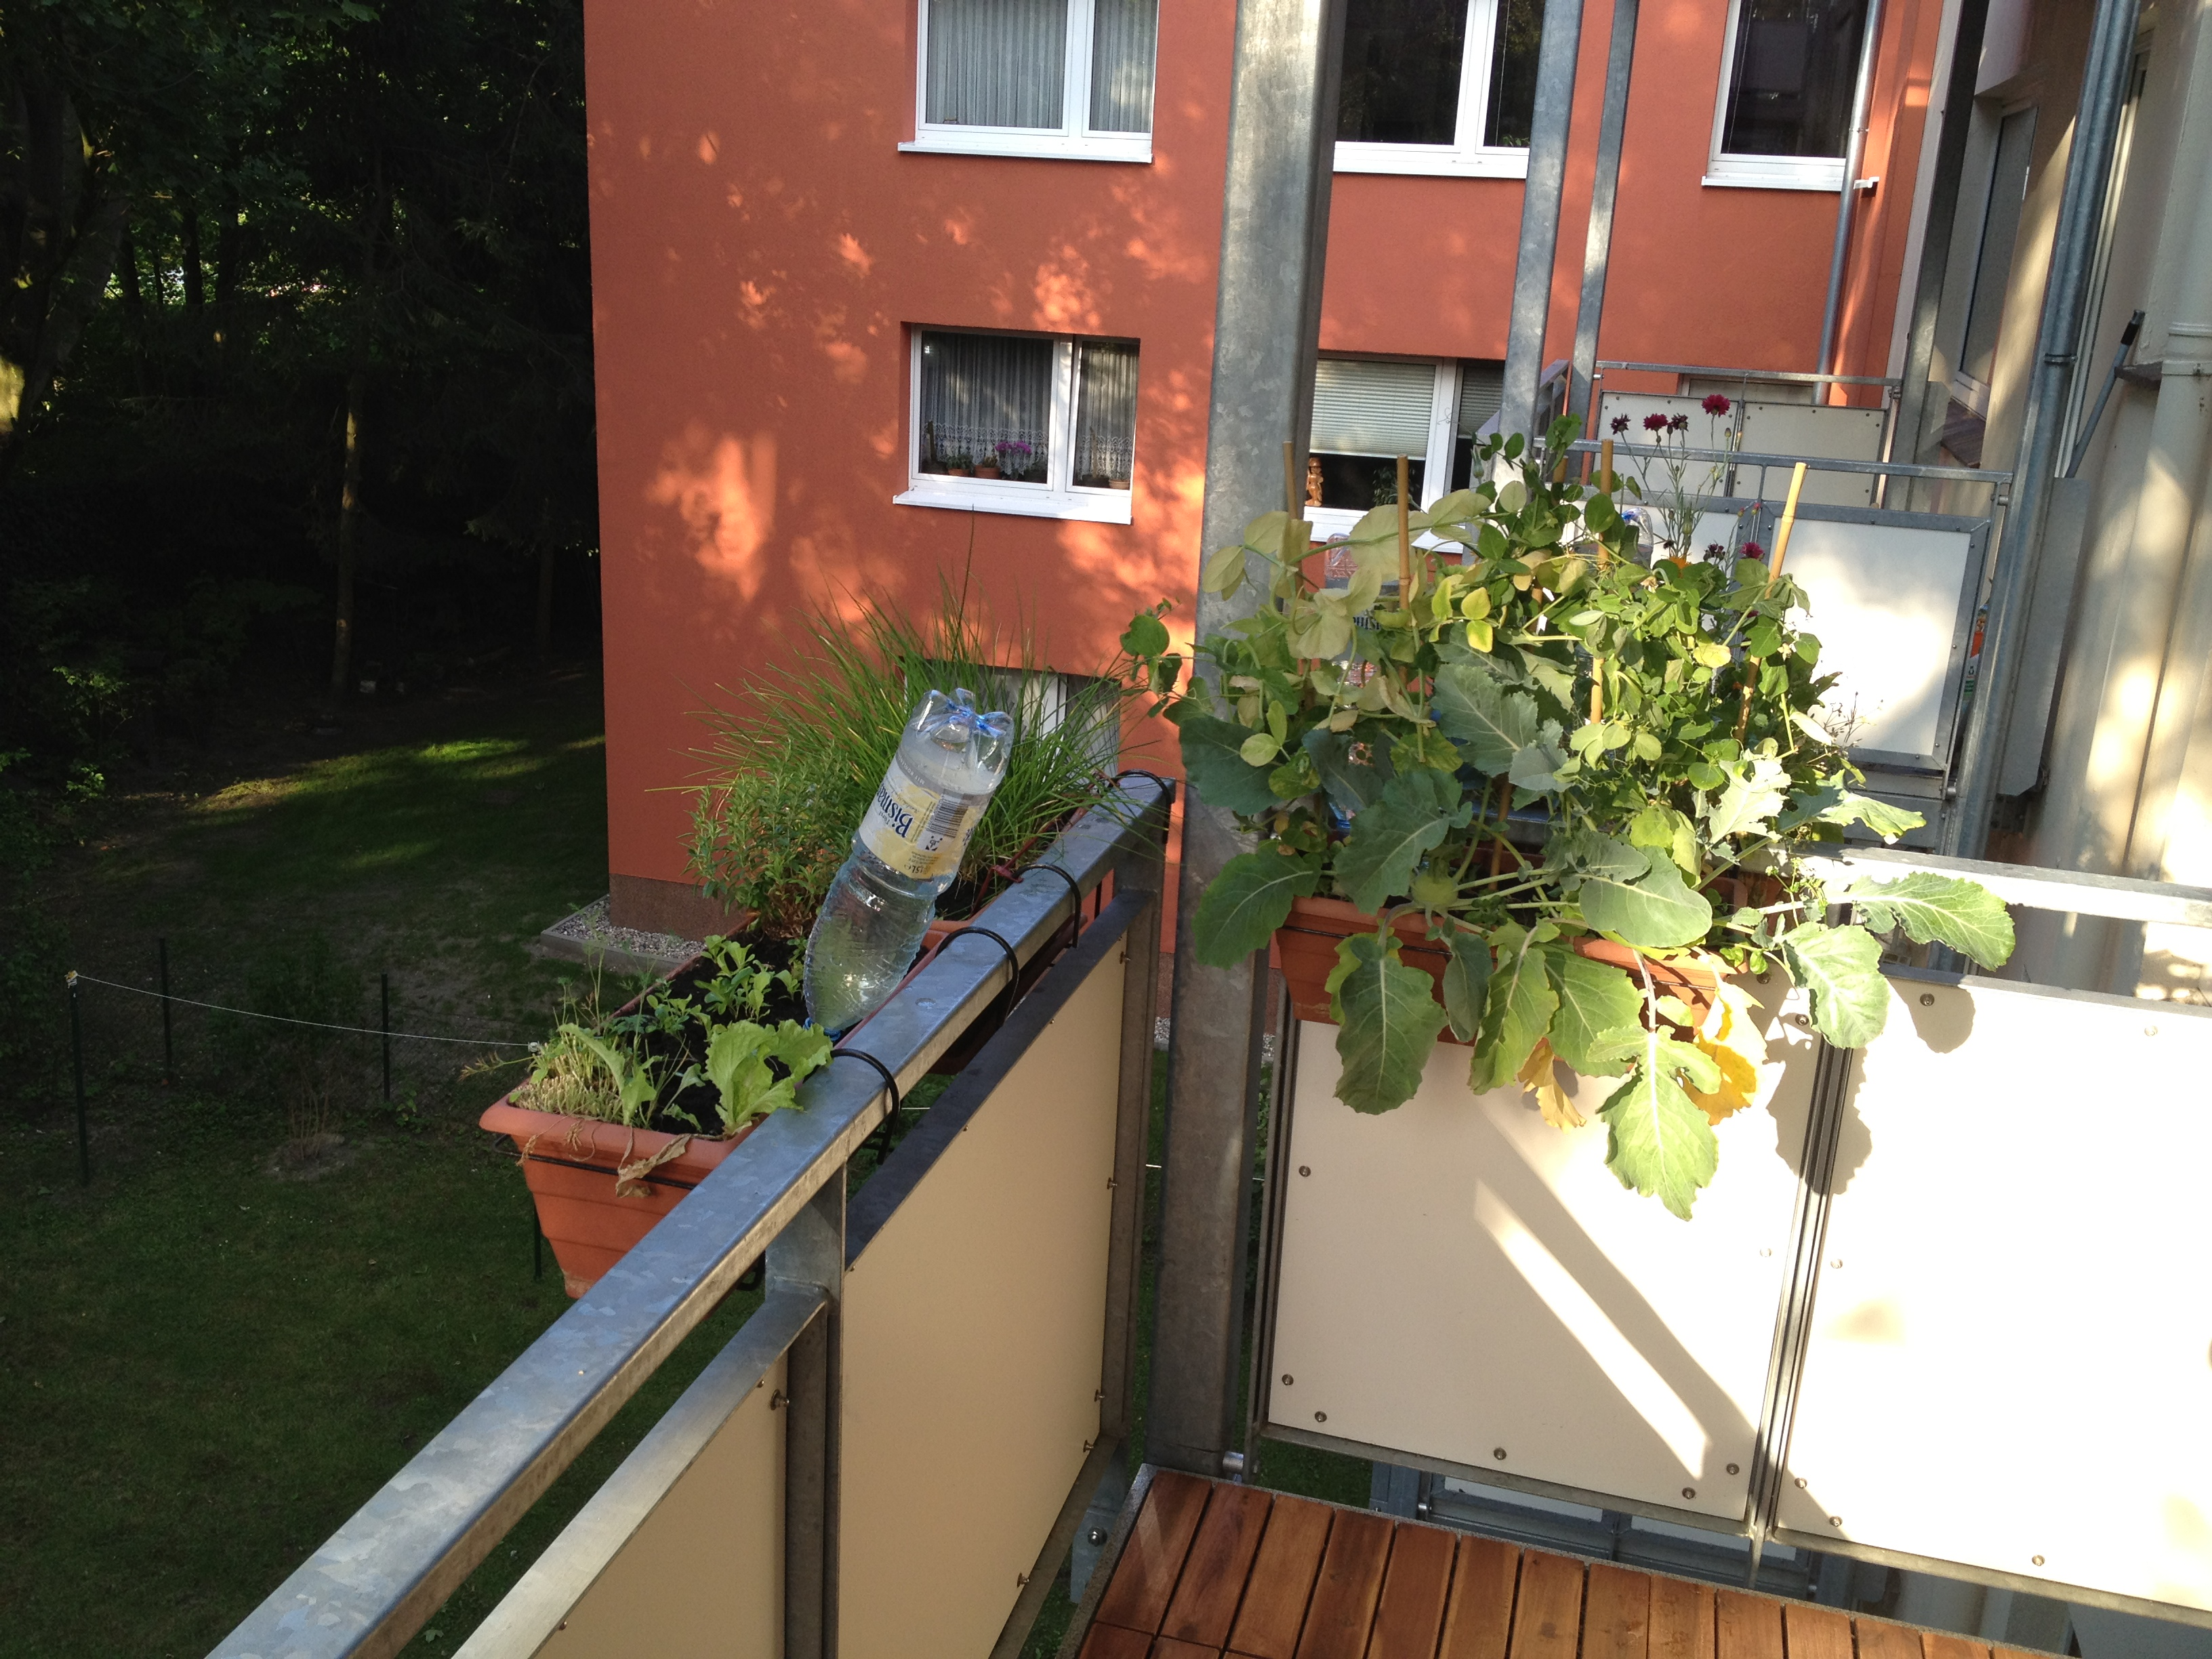 pflanzen am balkon paprika auf dem balkon pflanzen wann wie kr uter pflanzen ein balkon voller. Black Bedroom Furniture Sets. Home Design Ideas